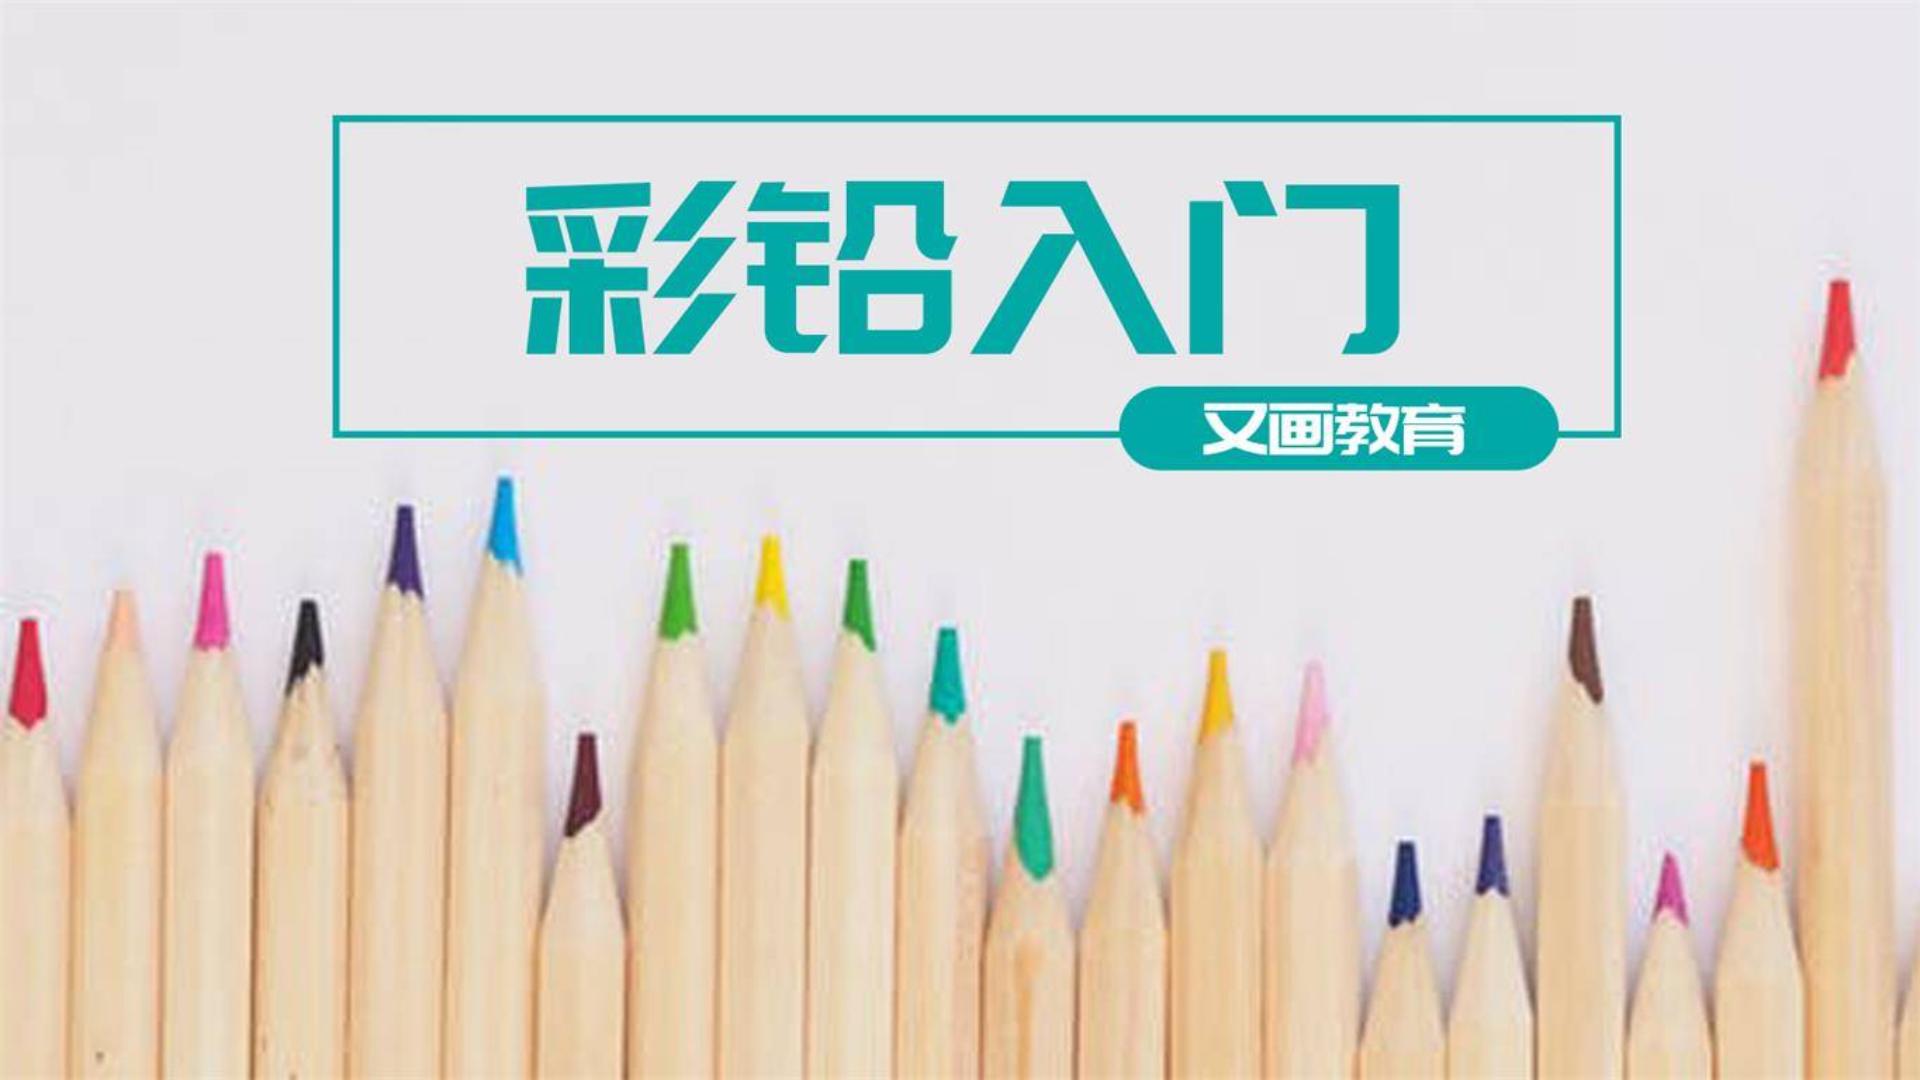 彩铅入门教程丨彩铅工具的选择